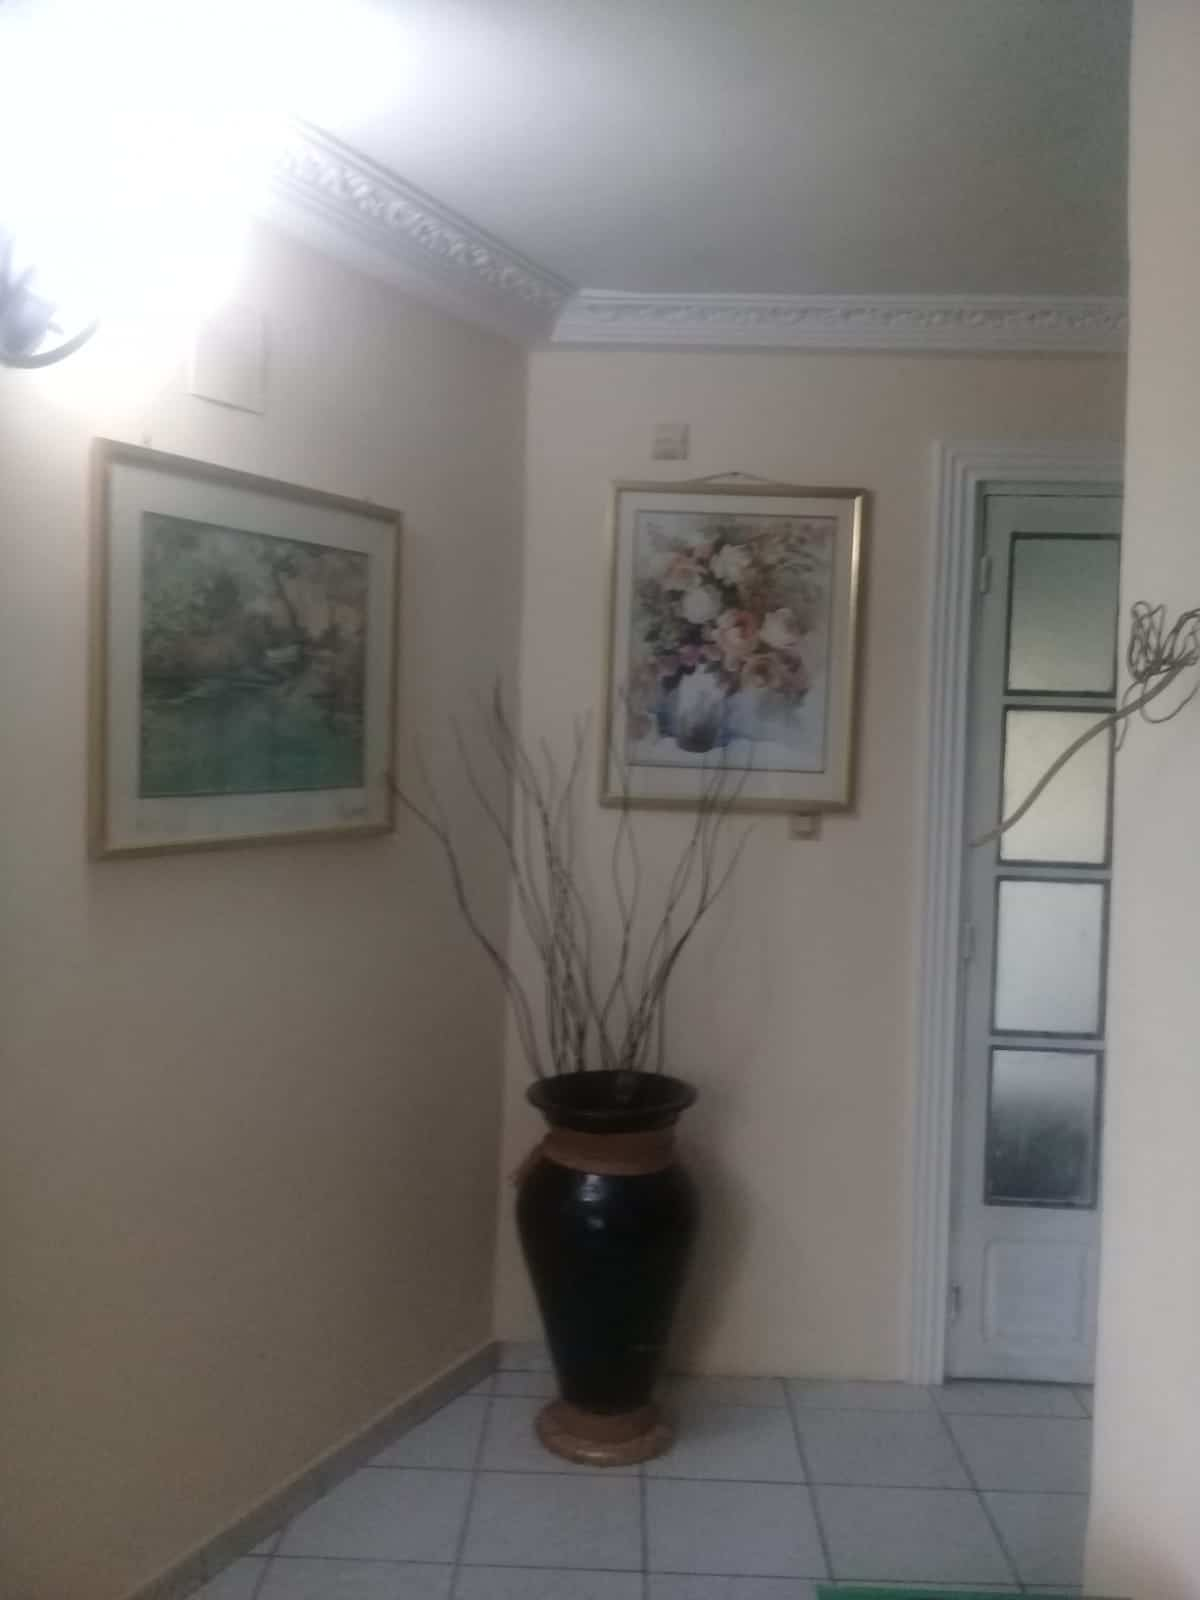 House (Duplex) for sale - Douala, Yassa, Route du stade au niveau de la total - 2 living room(s), 4 bedroom(s), 4 bathroom(s) - 125 000 000 FCFA / month